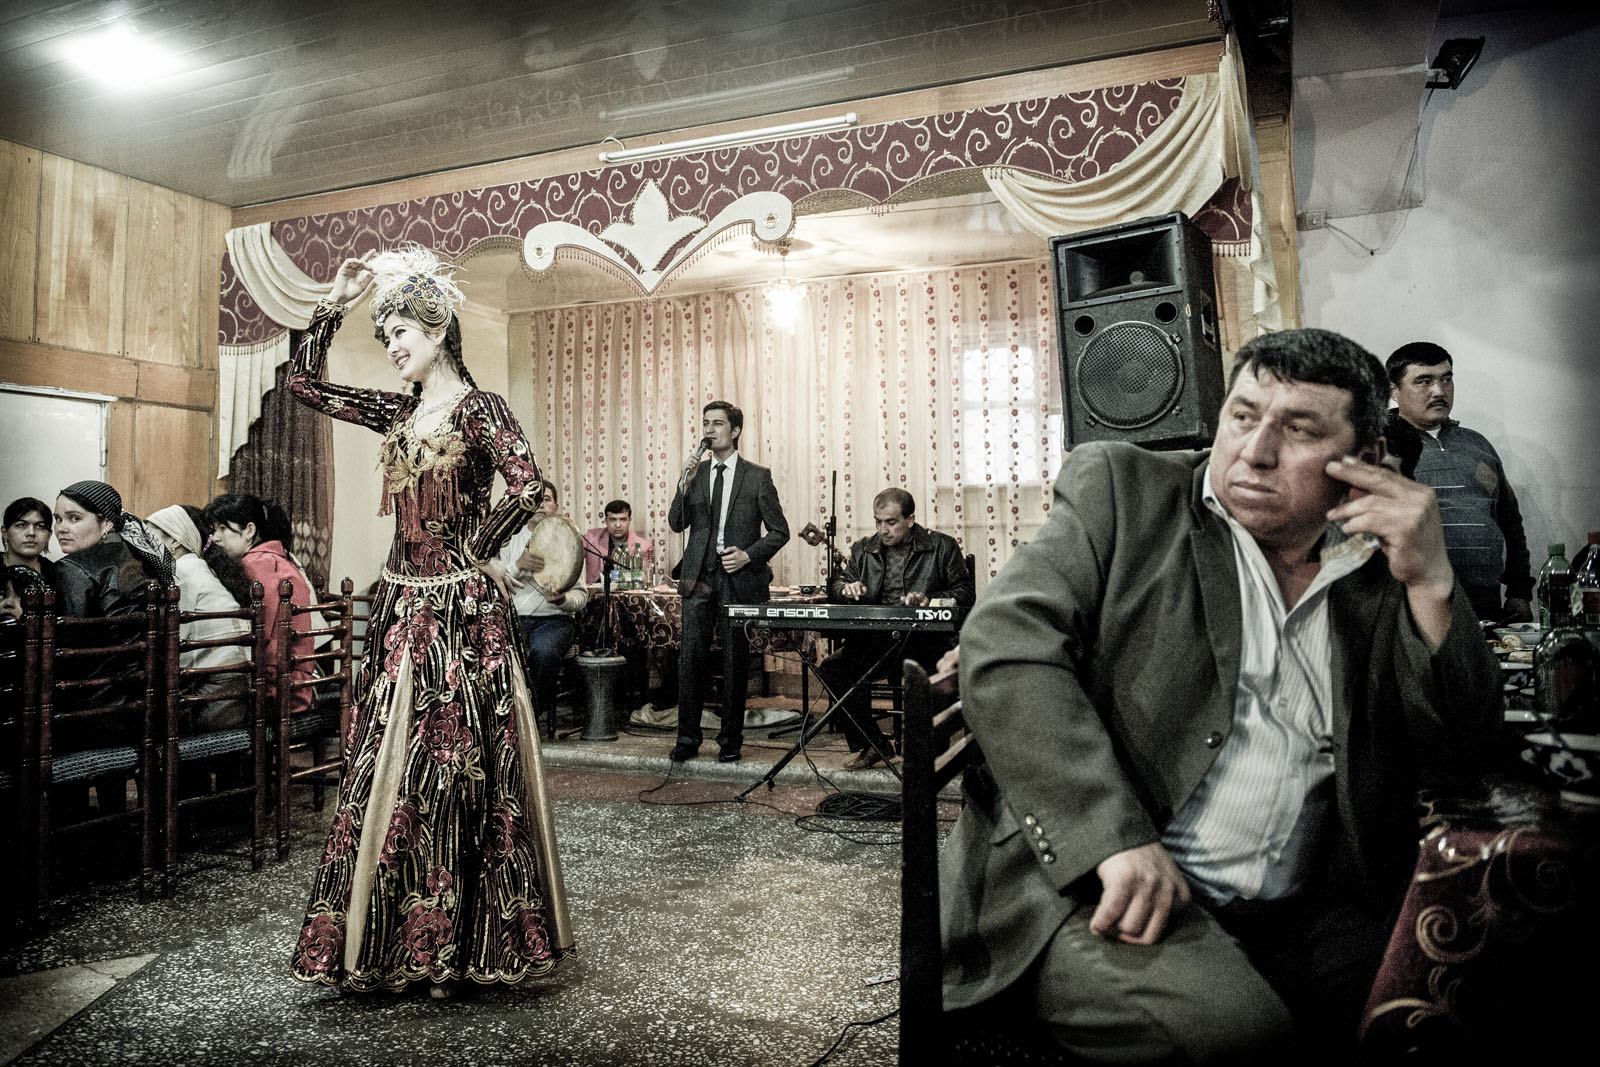 Fiesta de casamiento en Jiva. Foto © Ezequiel Scagnetti.